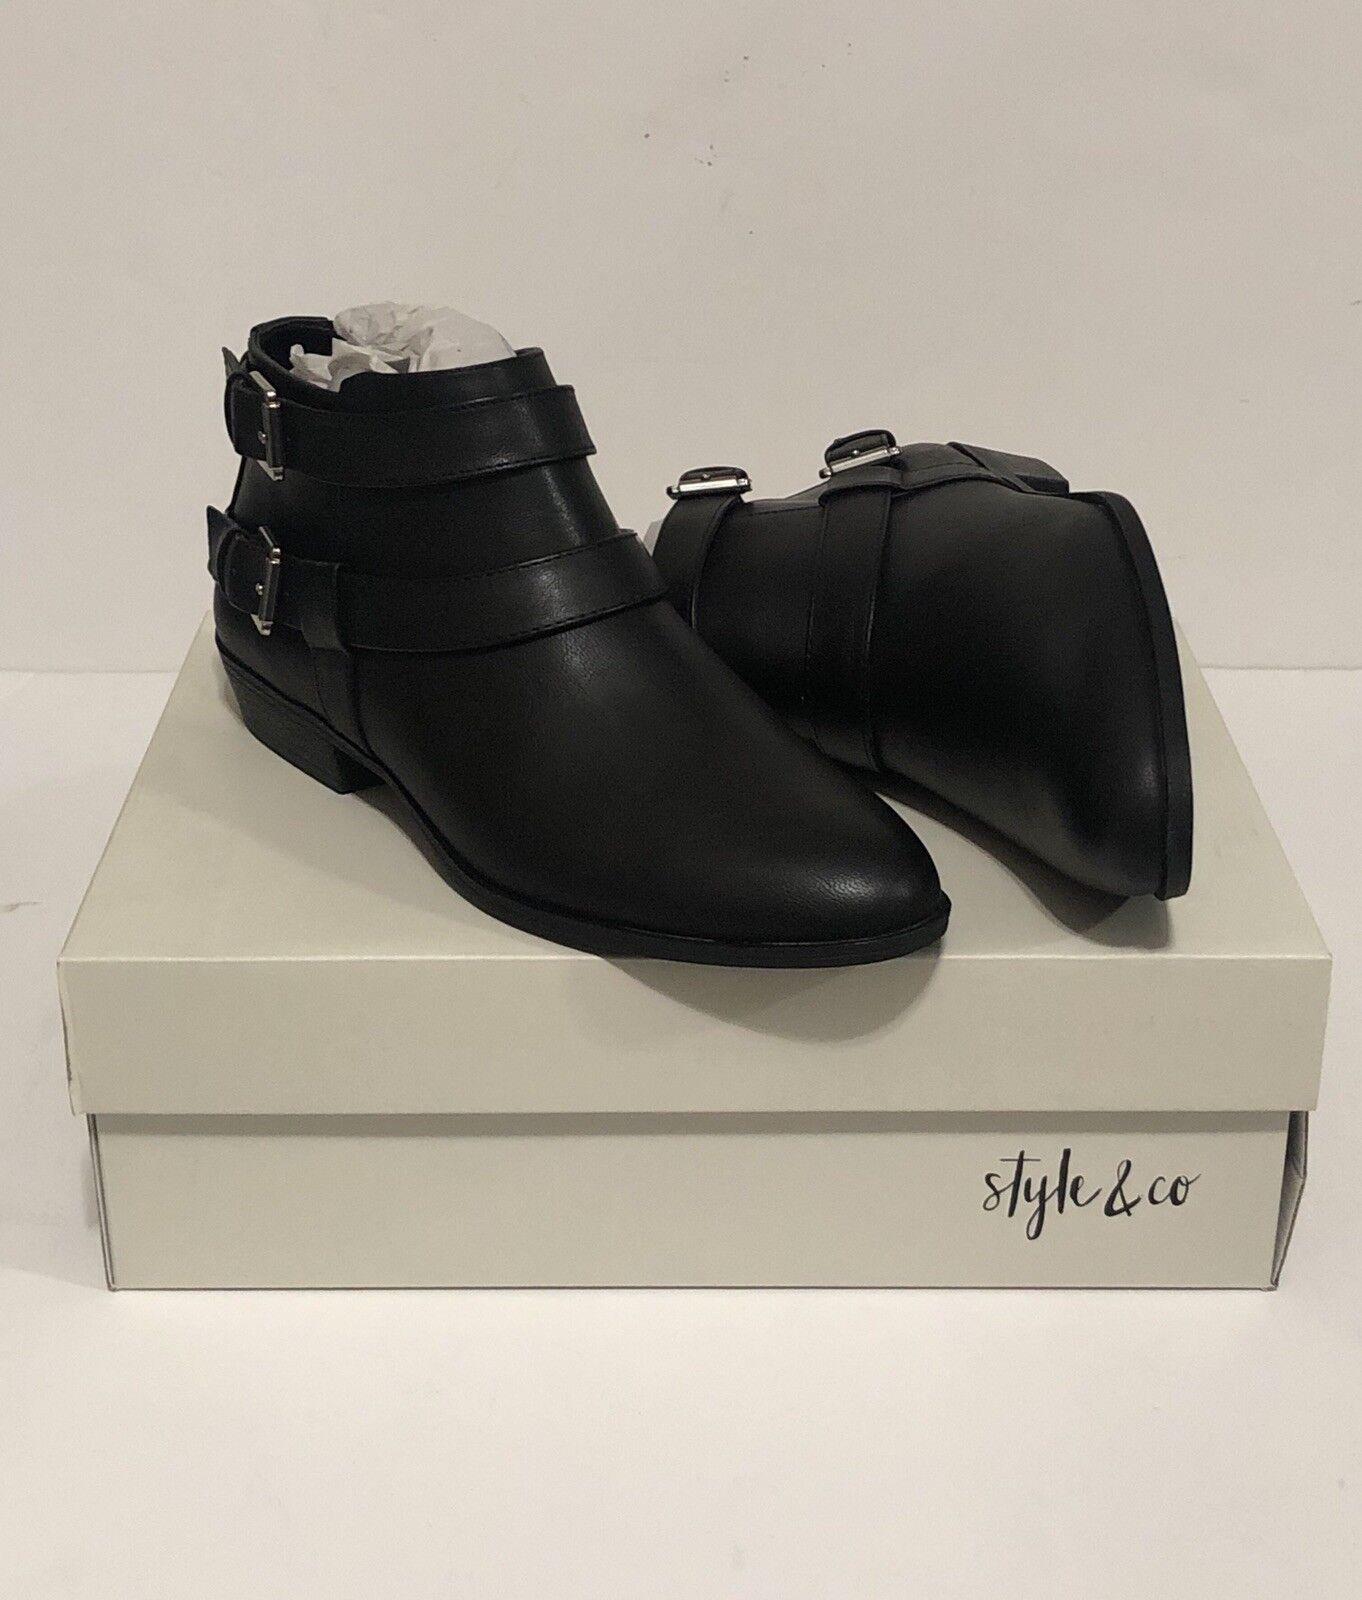 STYLE & CO. FEMME Deenah Chelsea Bottines Bottillons noir 9 m Retail  69.50